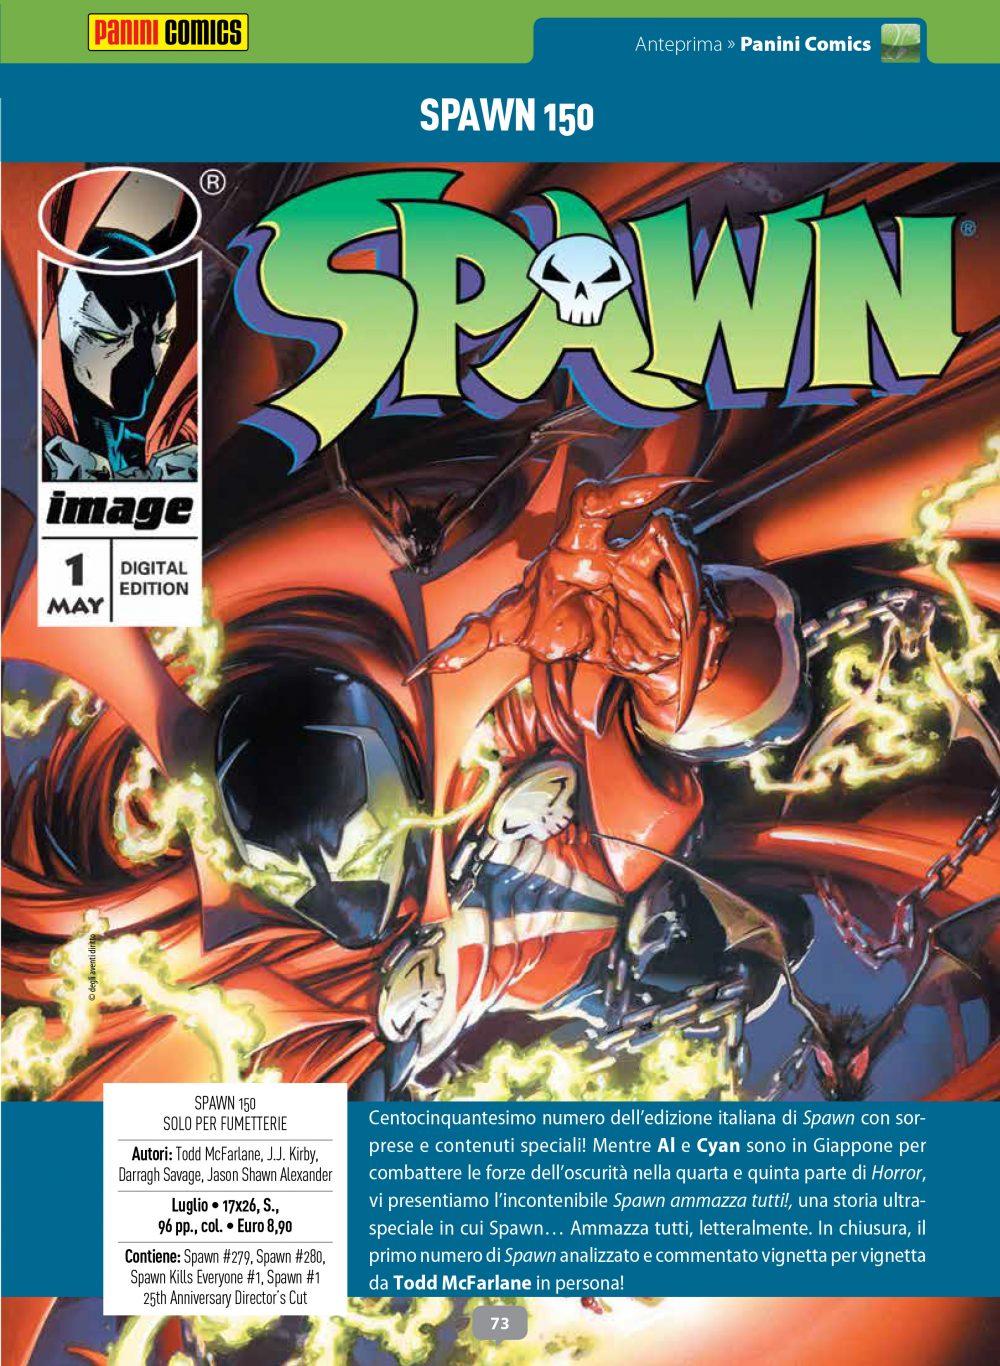 Spawn 150